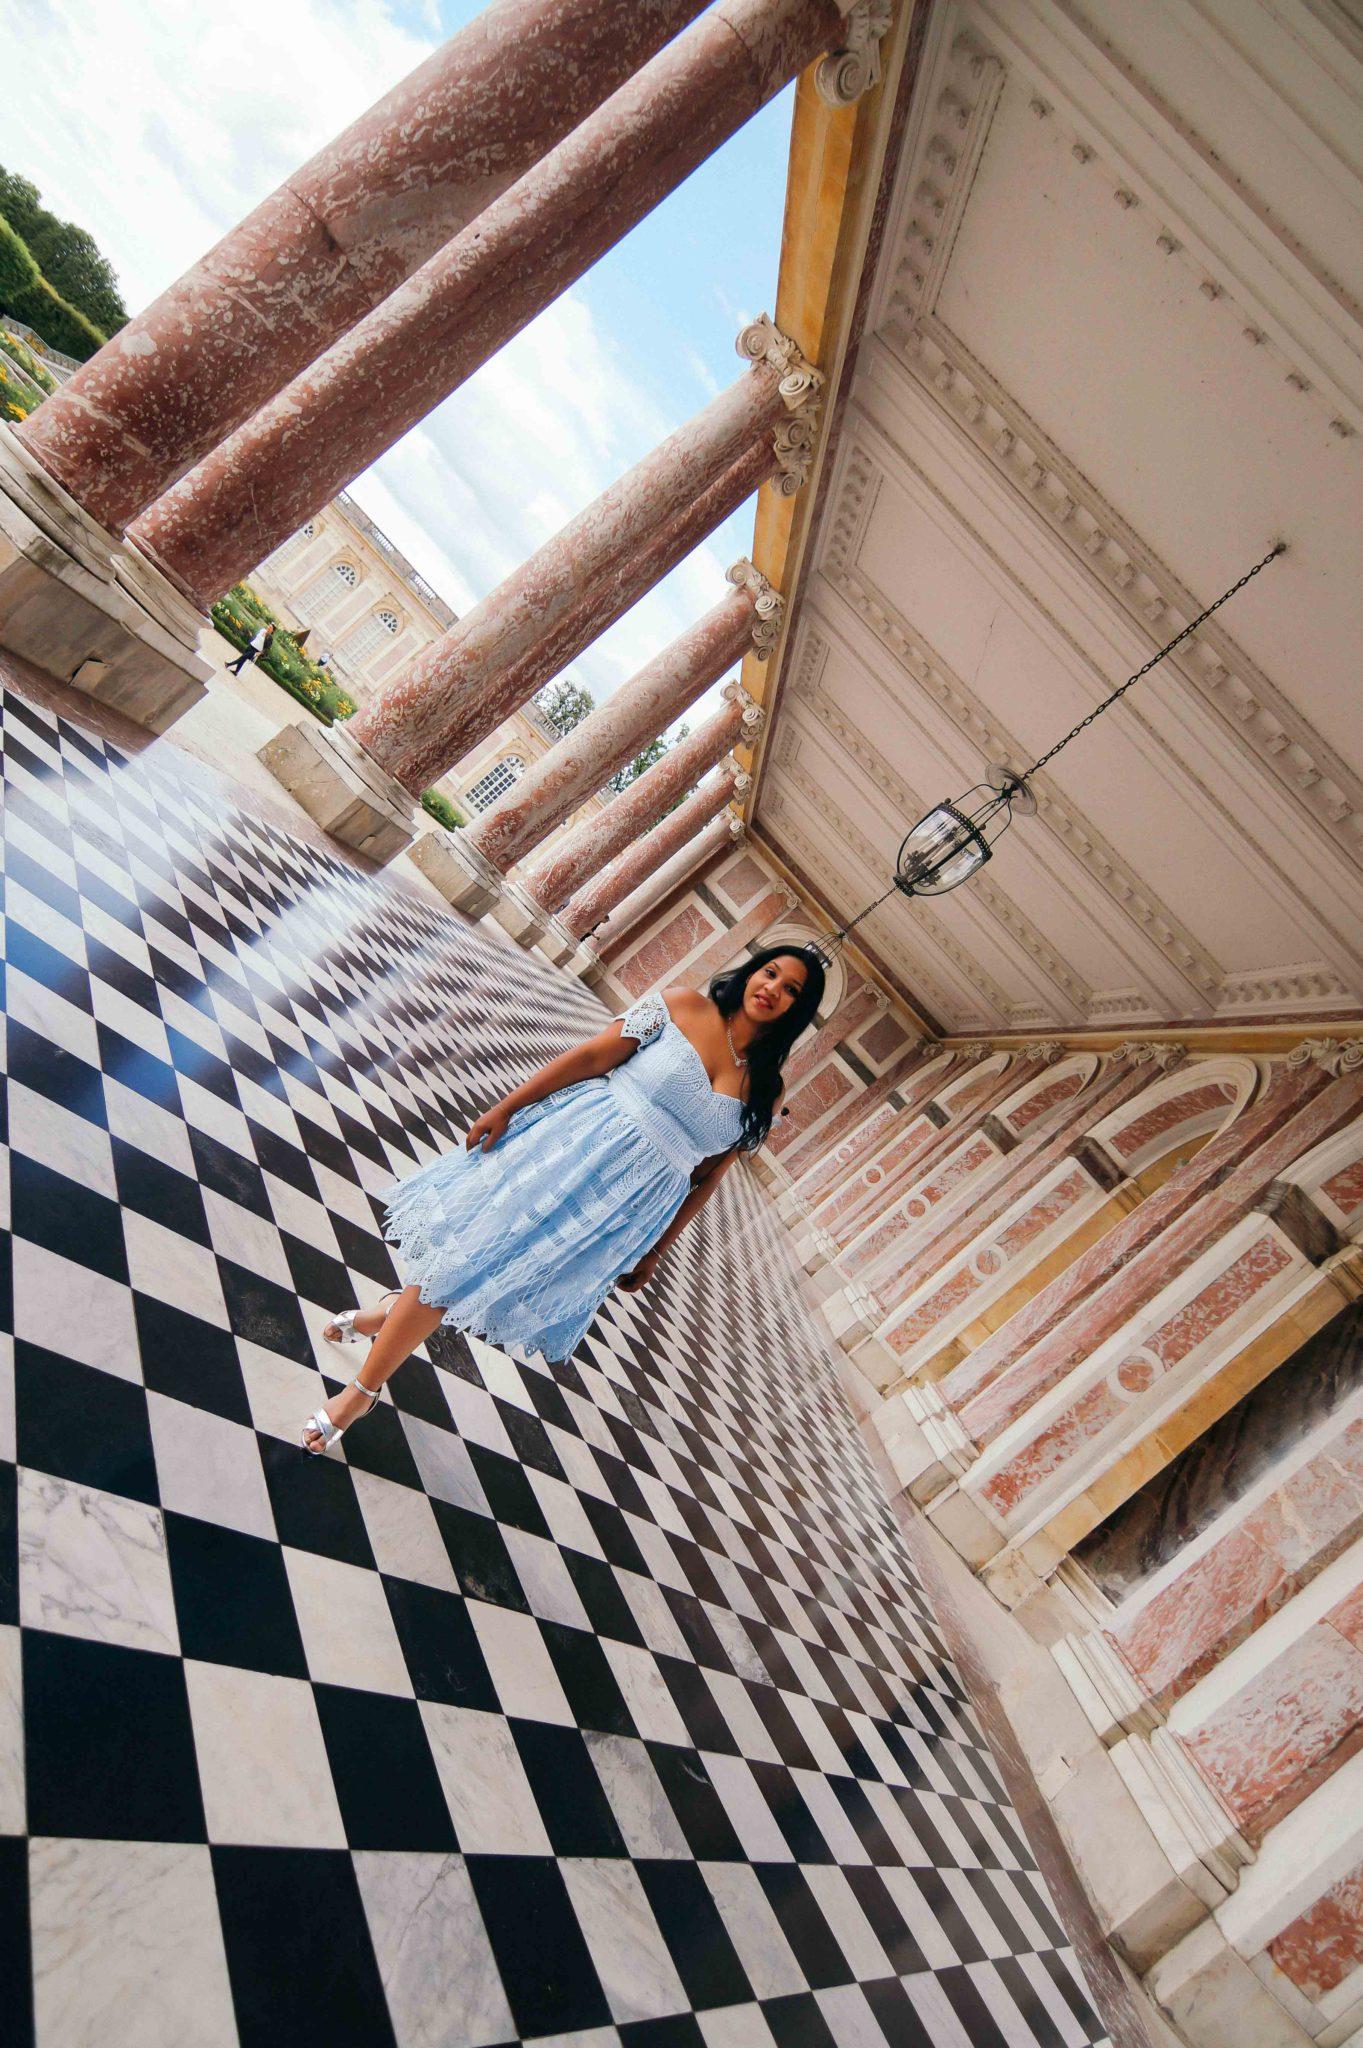 Jeu de perspective au Trianon de Versailles